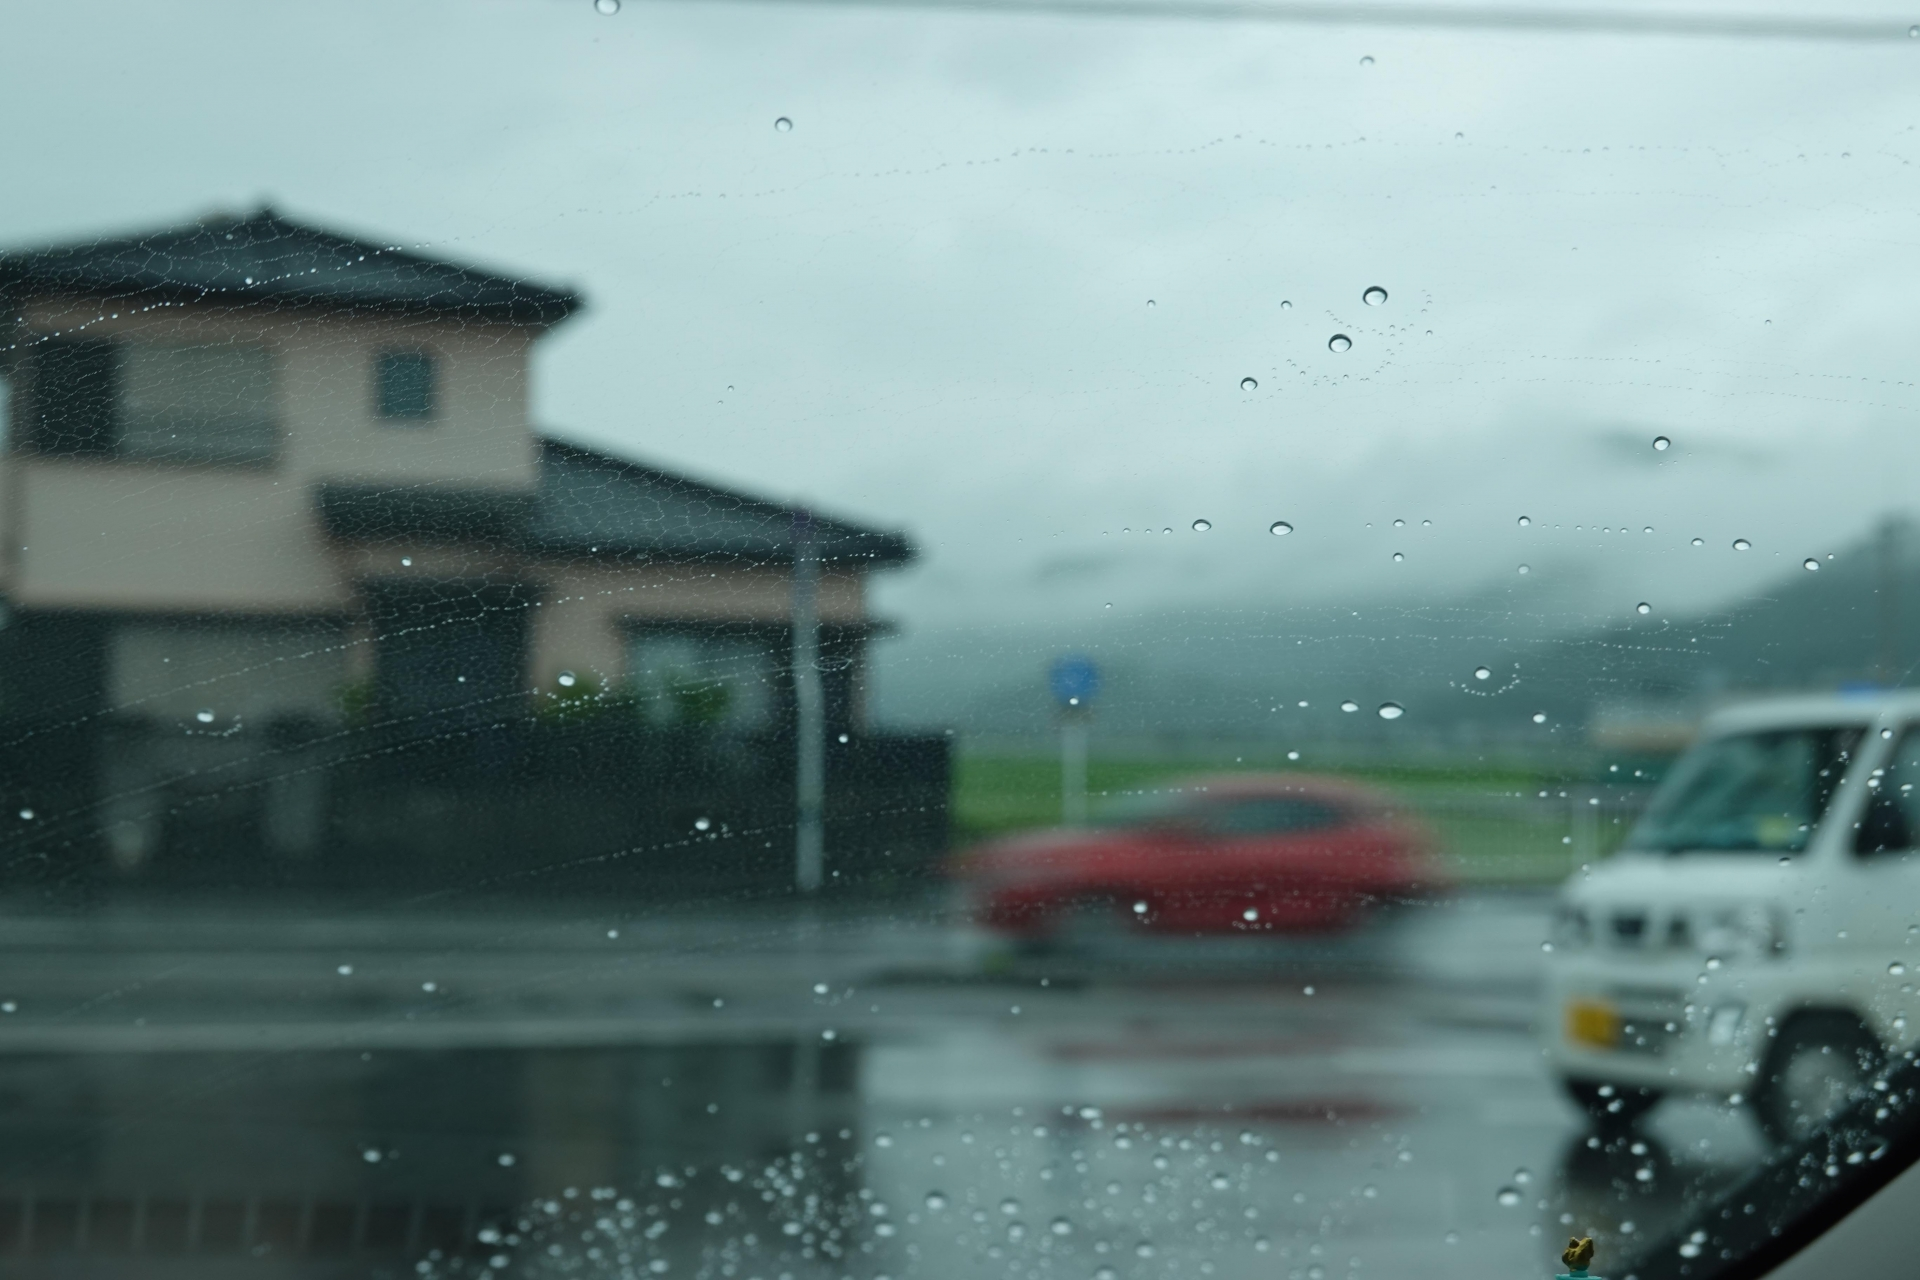 雨のコンビニ駐車場